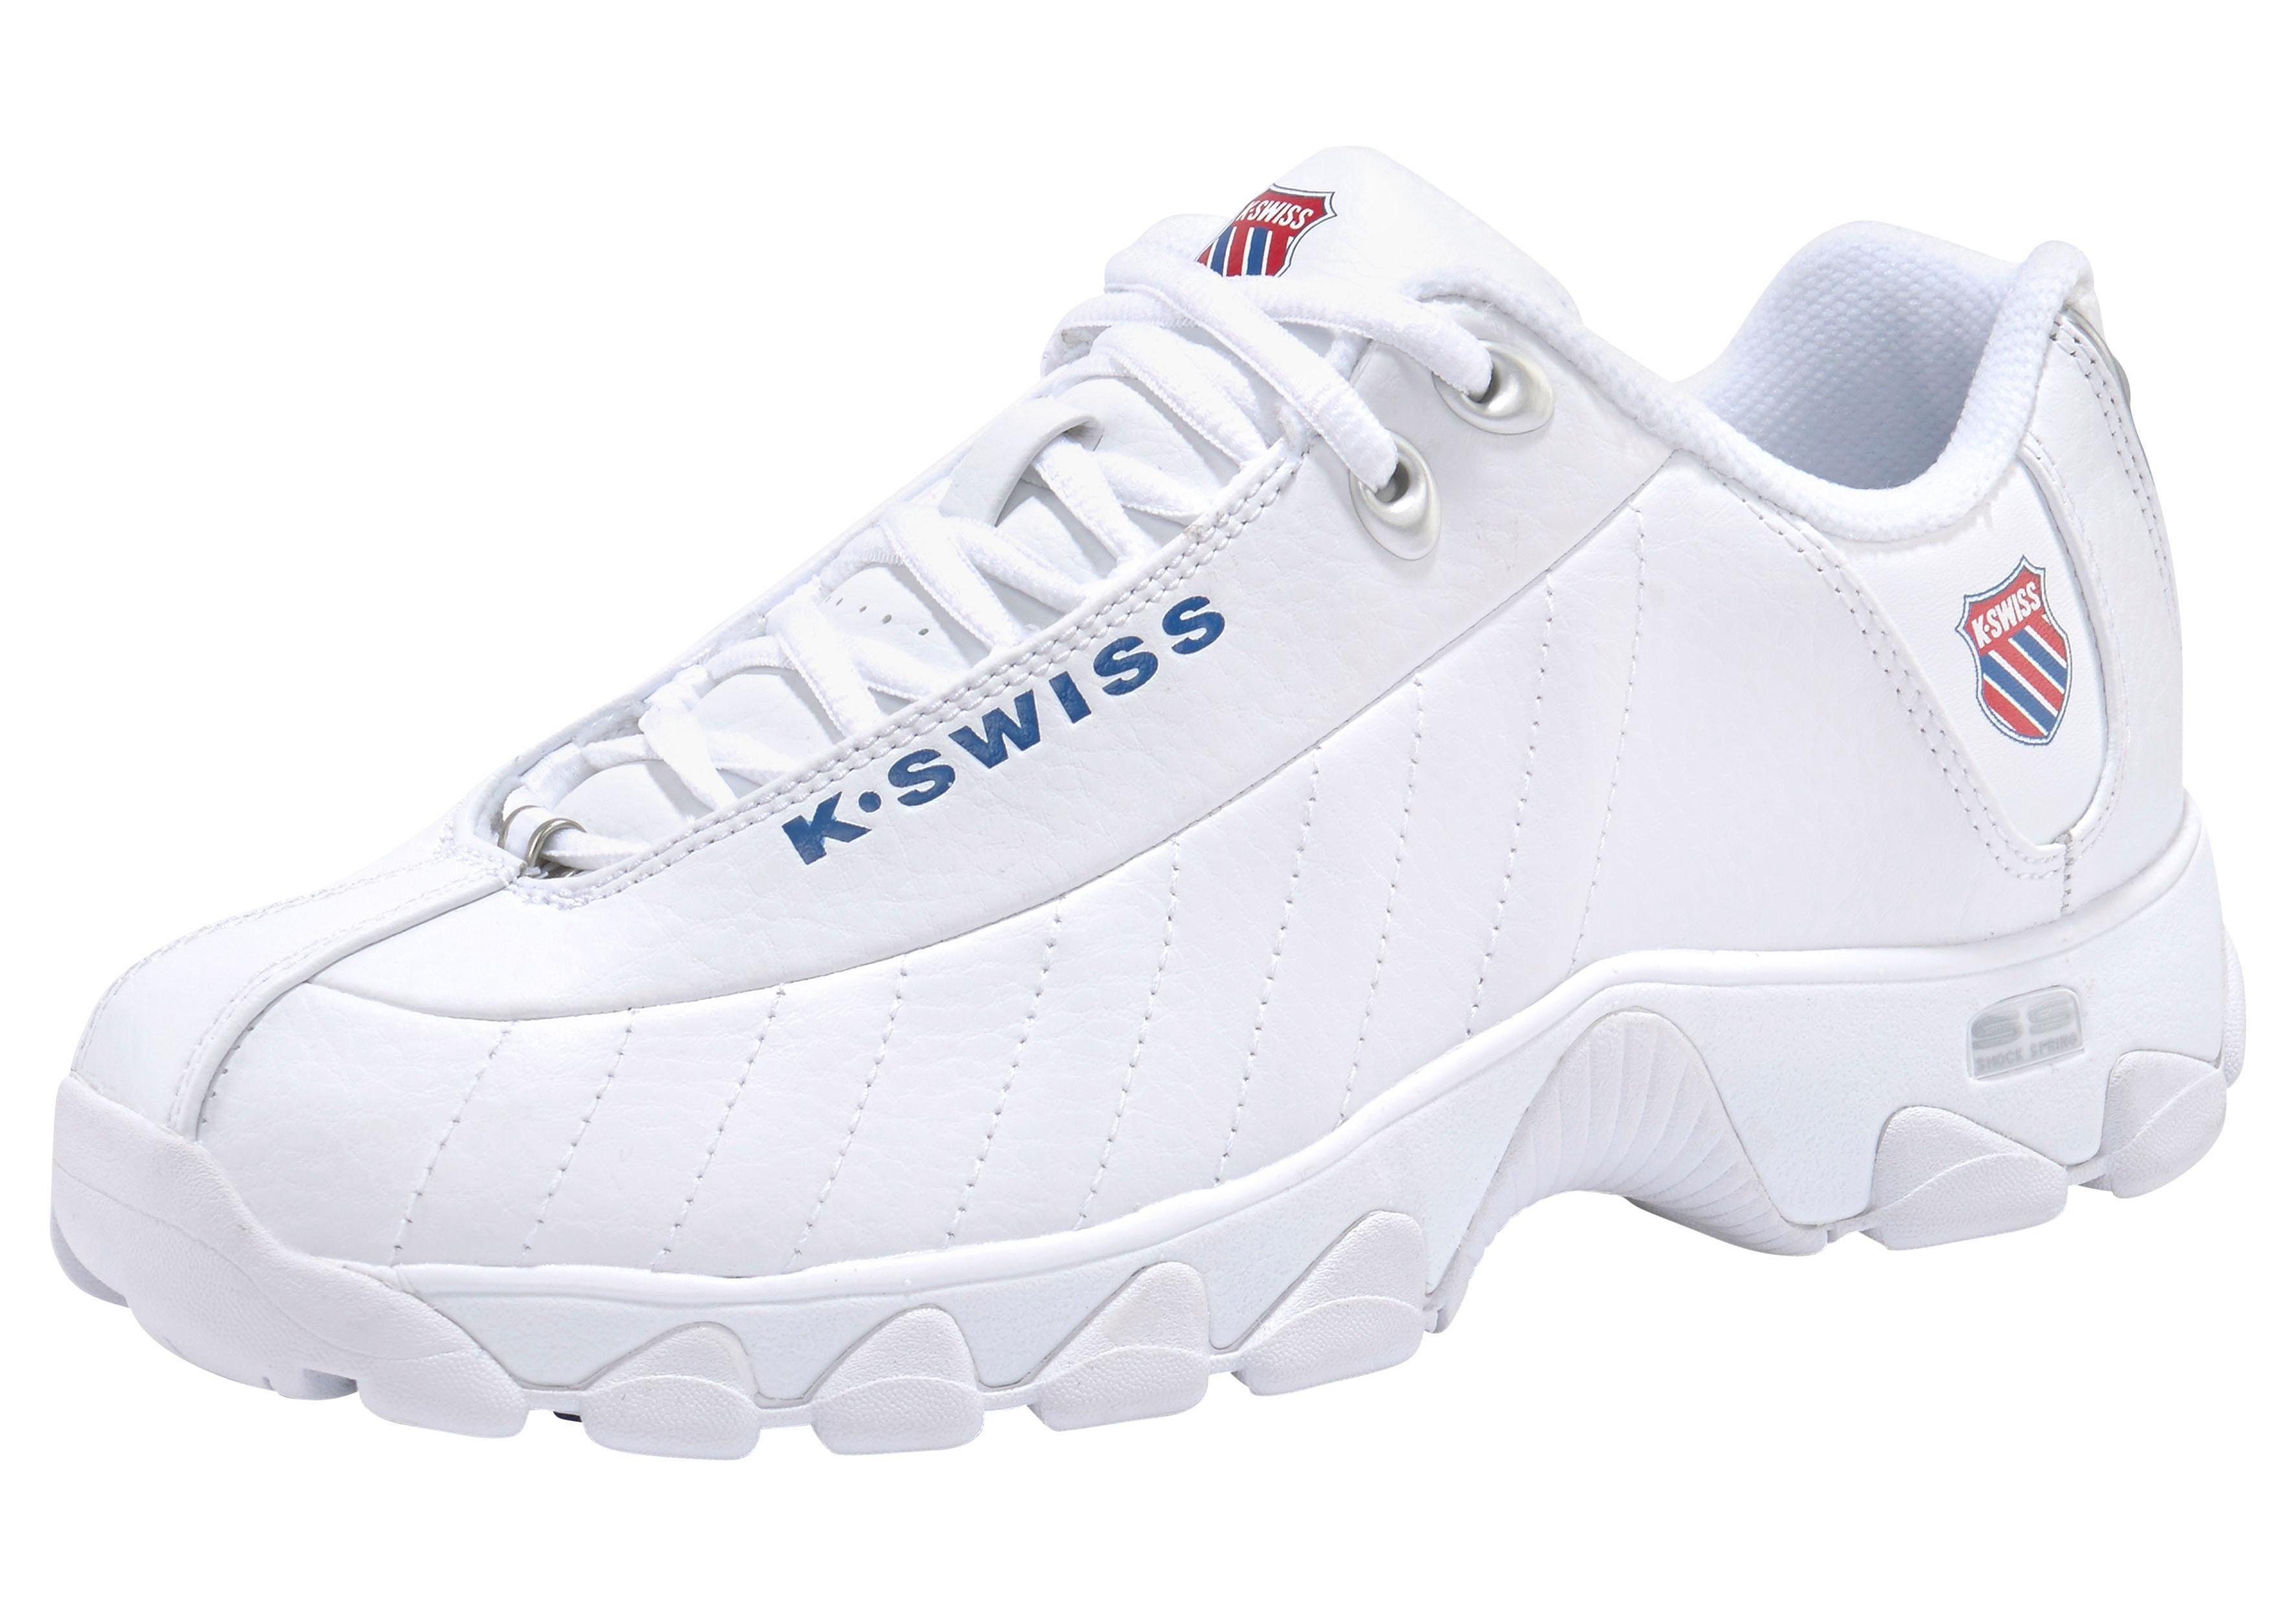 K Swiss »Wmns ST 329 Heritage« Sneaker, Trend Sneaker ST329 von K Swiss im Dad Shoe Look online kaufen | OTTO